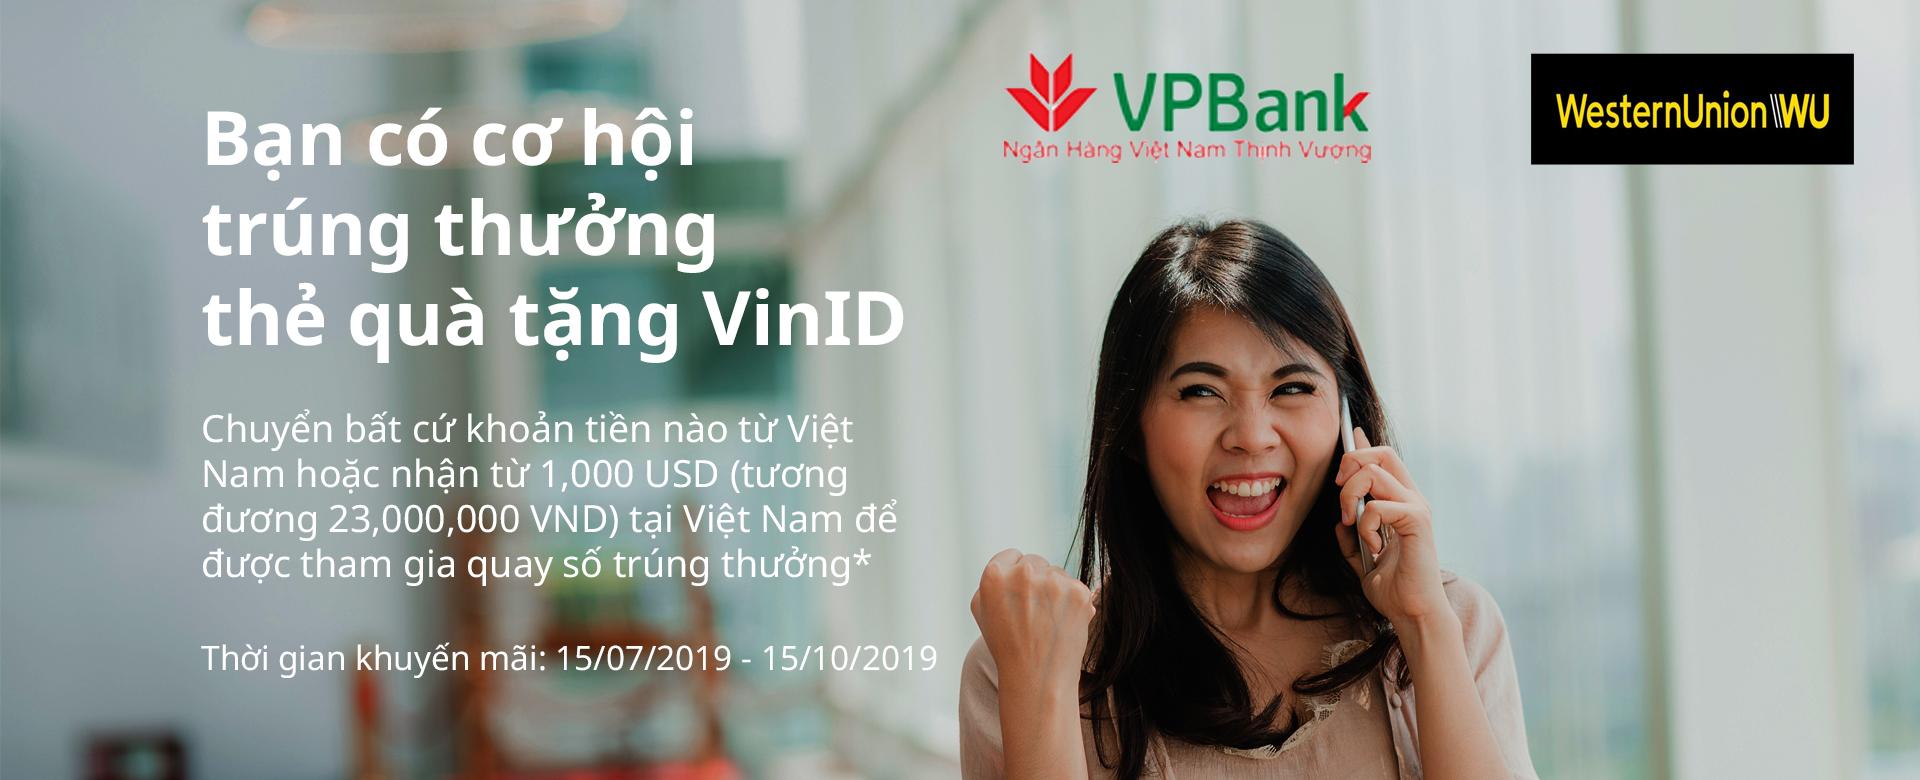 https://www.vpbank.com.vn/sites/default/files/pictures/VPBANK%20-%201920x780%20-%20VN1.jpg